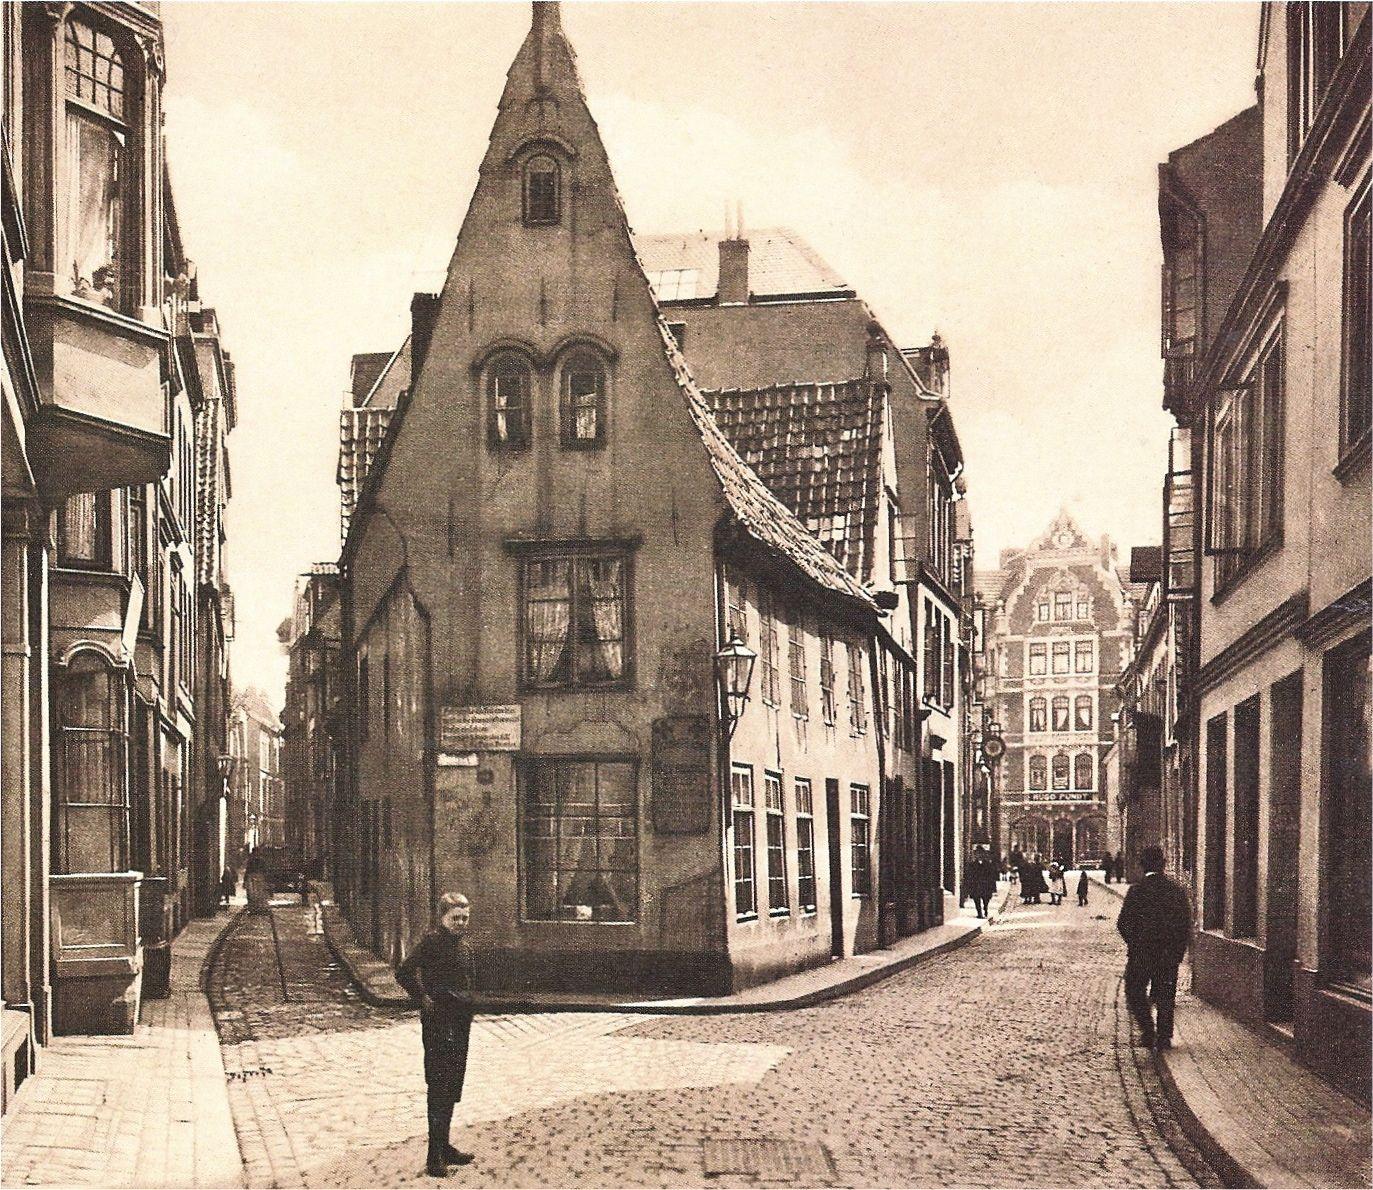 Eng und verwinkelt: der Spitzenkiel im Jahre 1904. Quelle: Hans Hermann Meyer, Die Bremer Altstadt, Bremen 2003